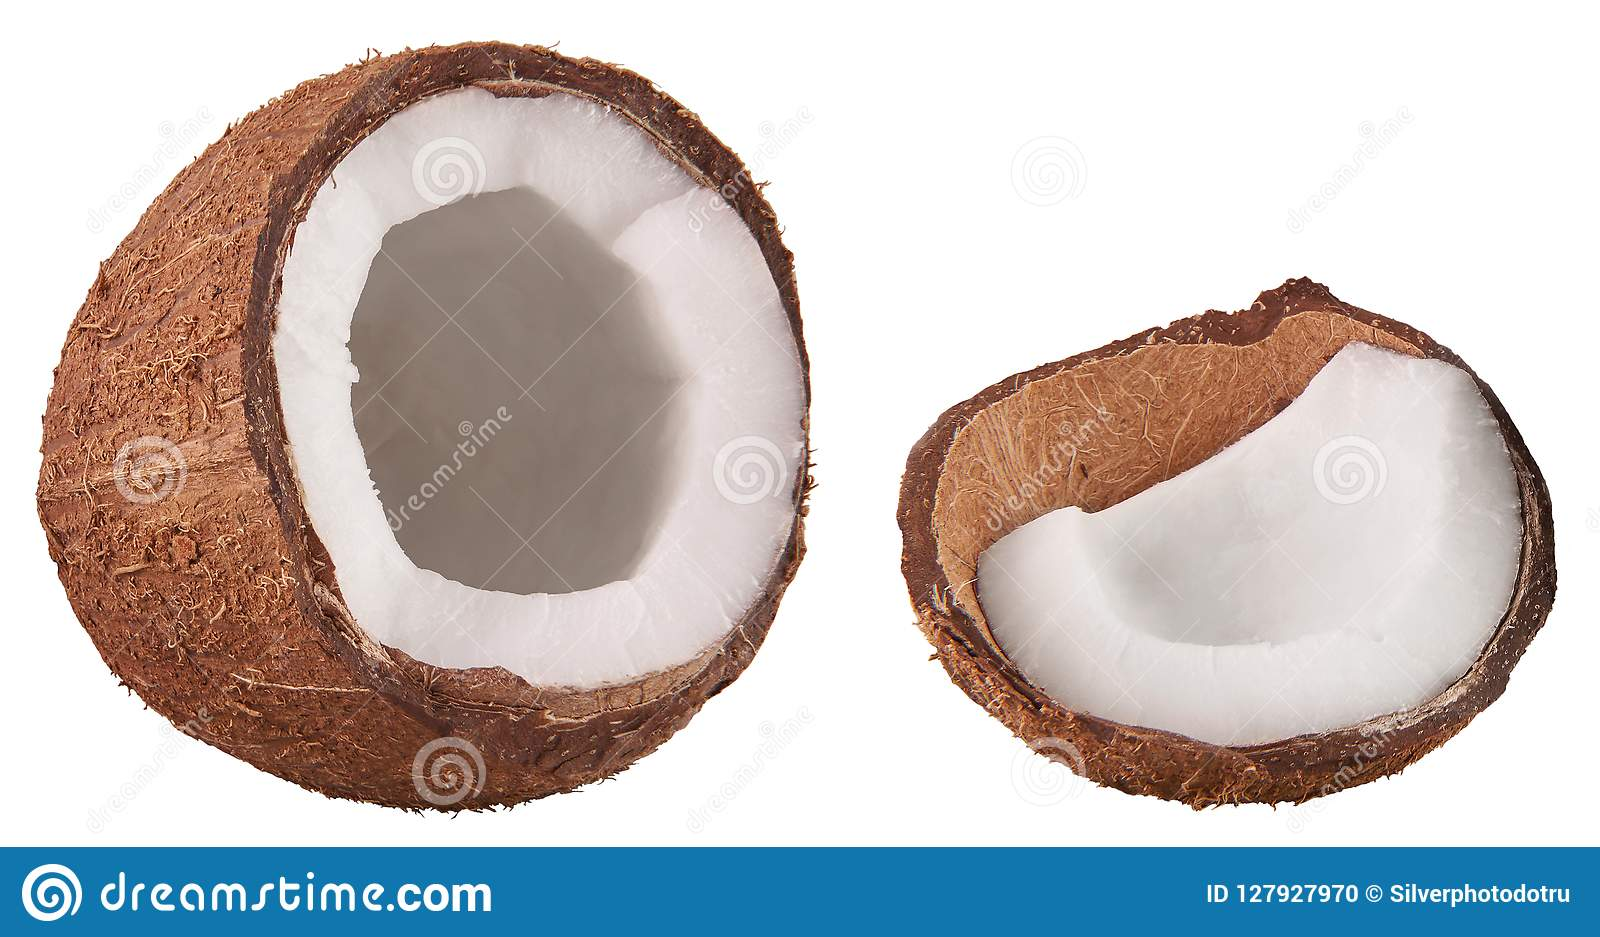 隔绝在白色开放成熟热带椰树坚果果子 用白色骨肉切的椰子 热带食物概念 食物零件和元素